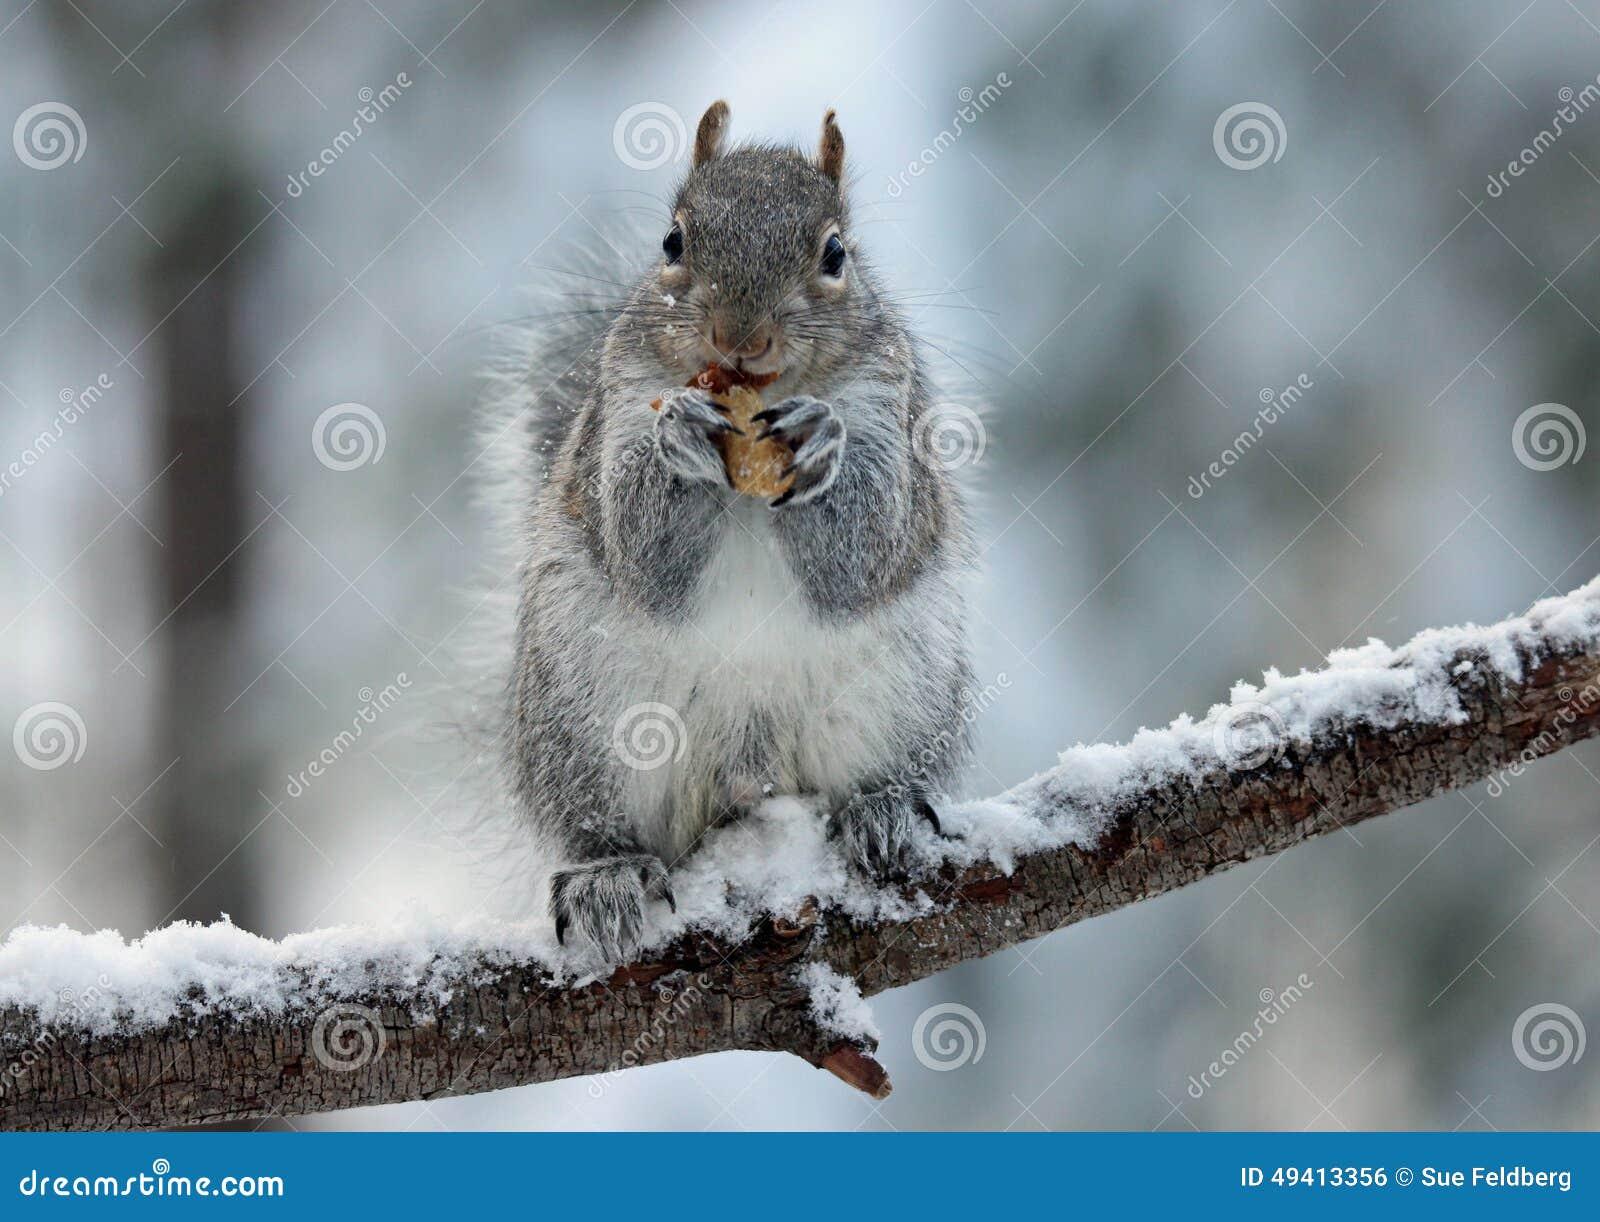 Squirrel Enjoying a Nut